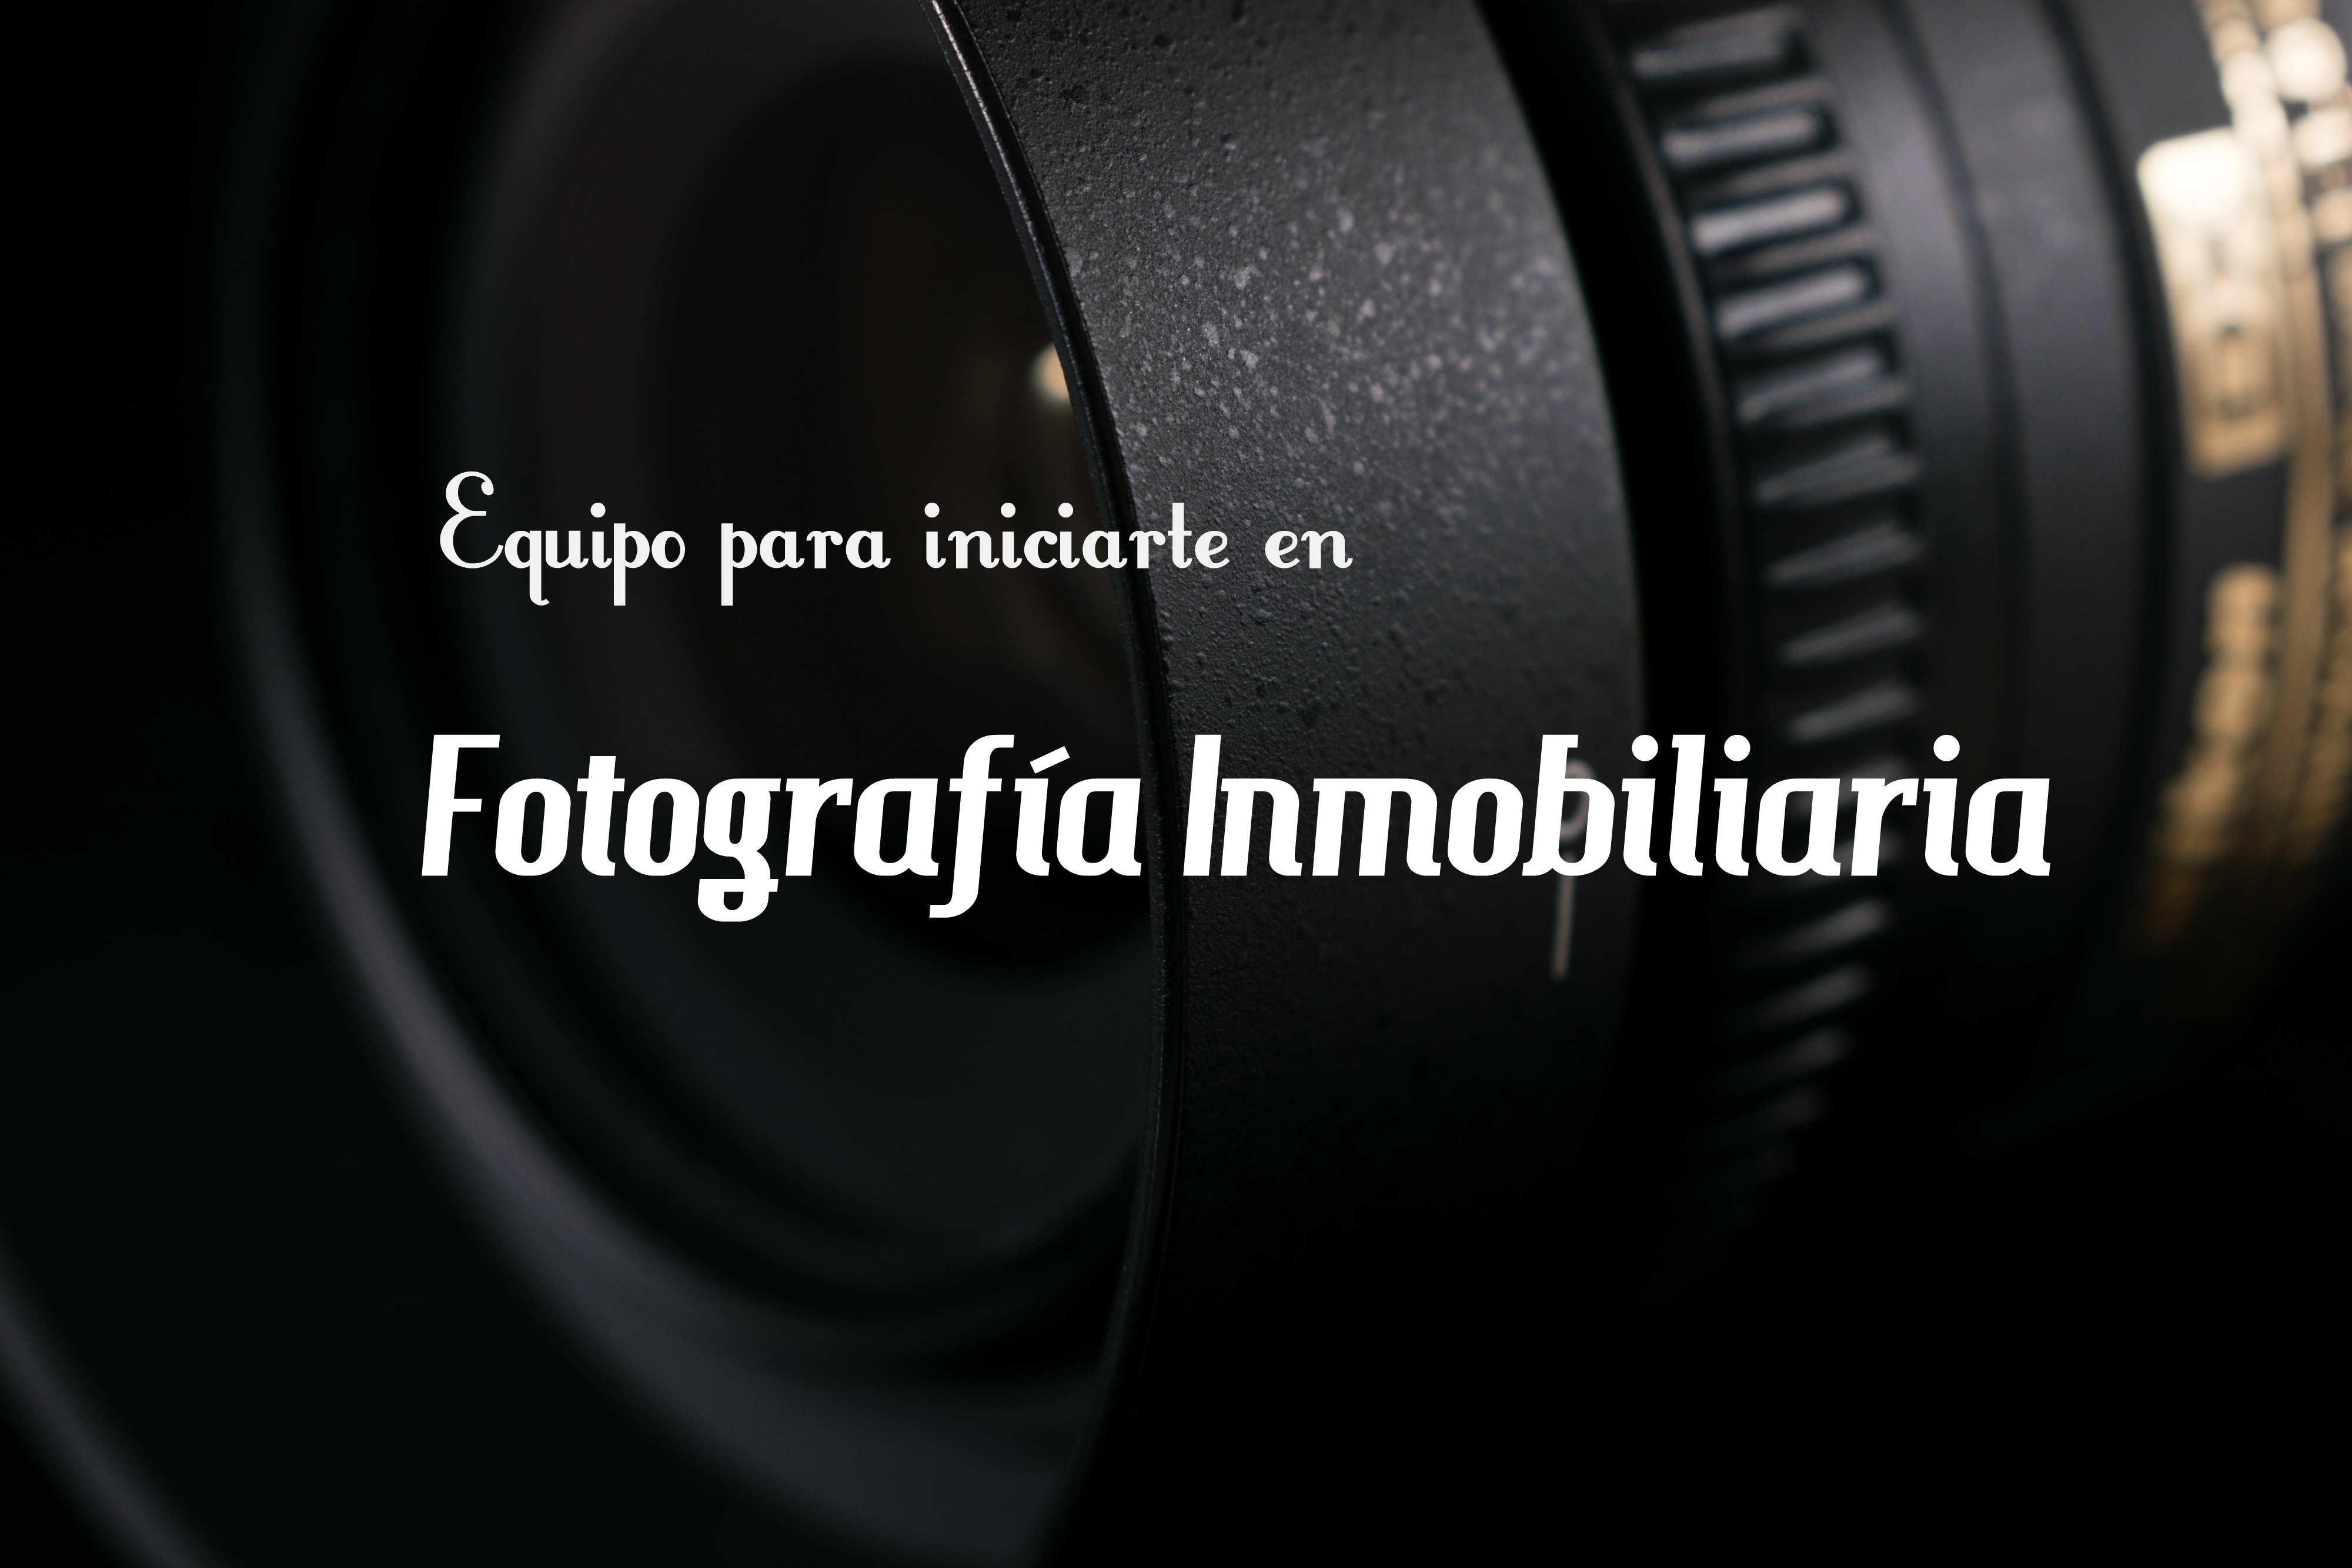 EQUIPO FOTOGRAFICO PARA FOTOGRAFIA INMOBILIARIA - Fotografía ...